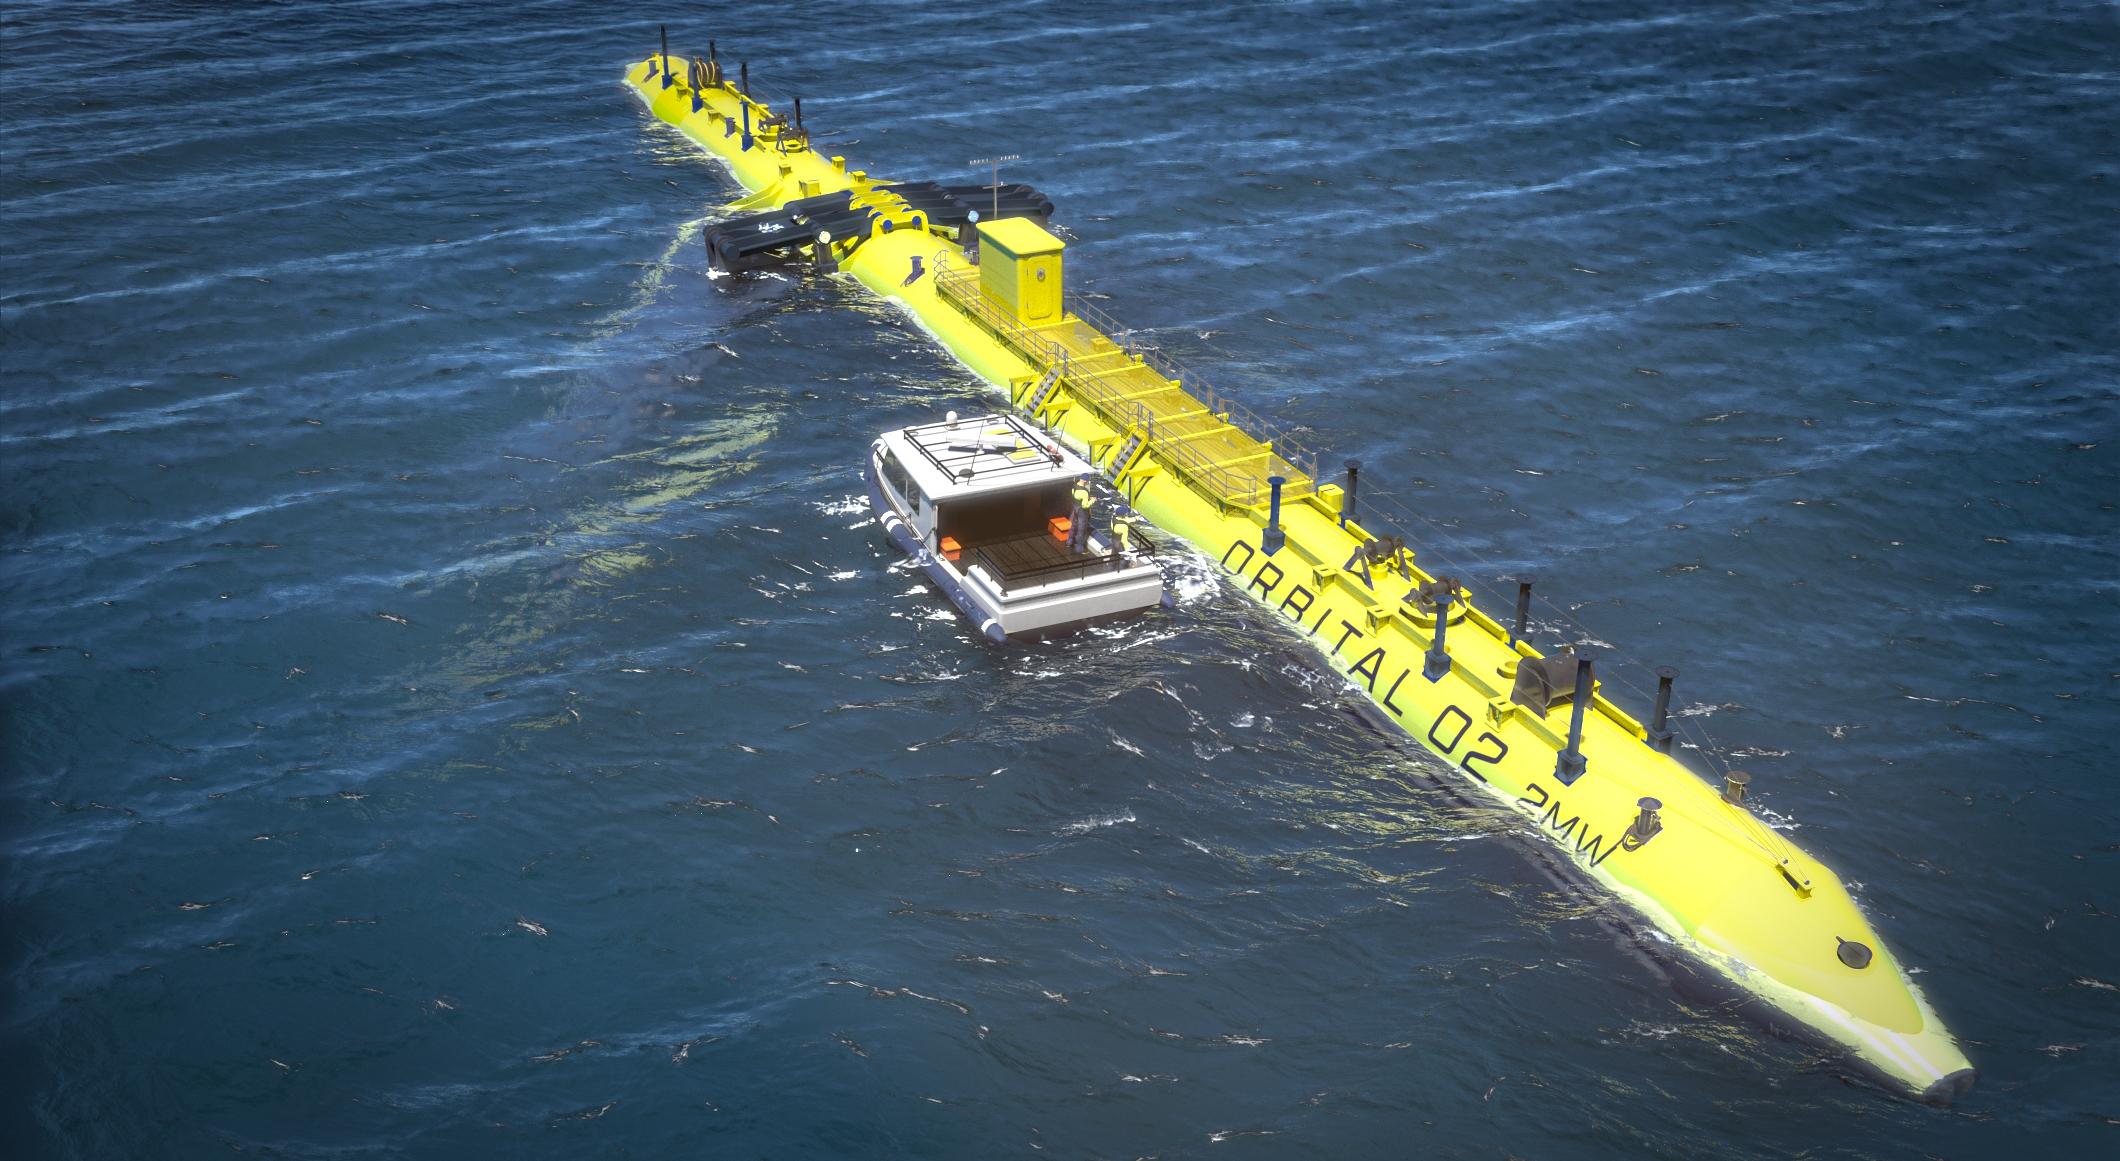 Orbital Marine turbine